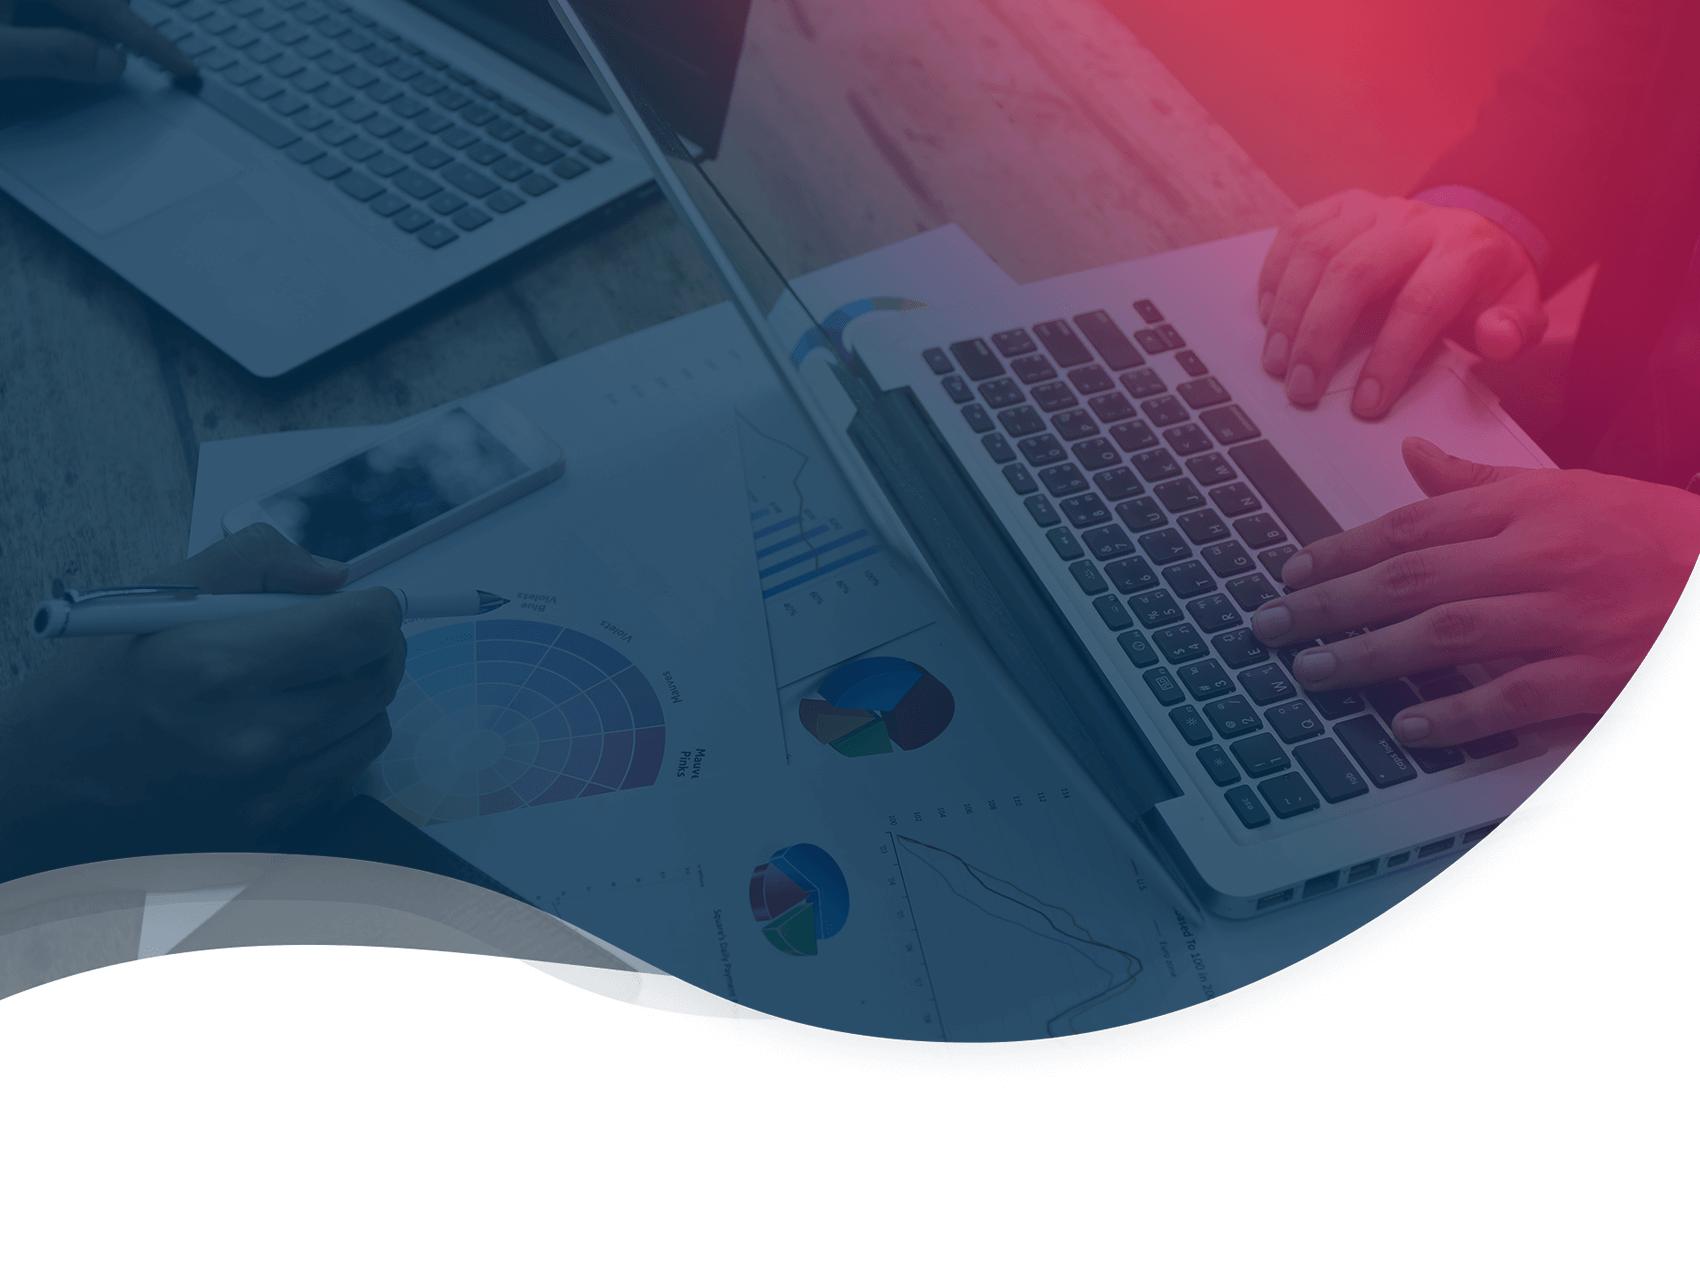 Marketing automation et CRM: pourquoi sont-ils complémentaires?